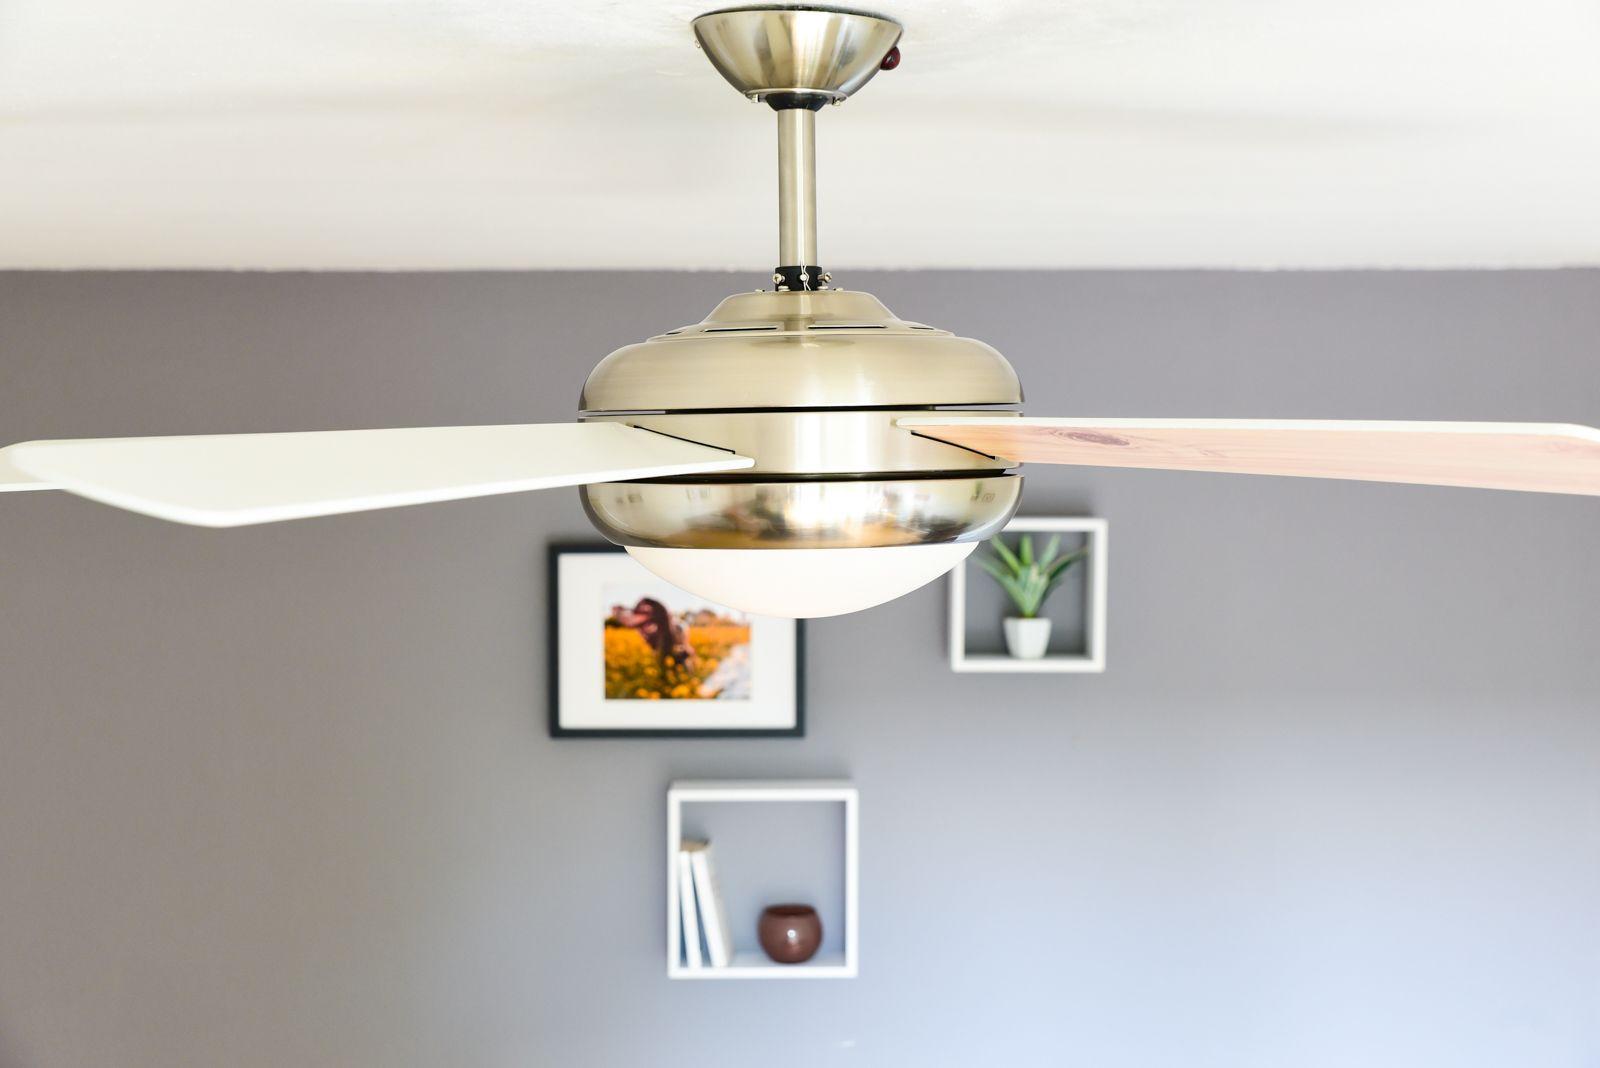 Decken Ventilator Led Wohnraum Lufter Kuchen Lampe Fernbedienung Kuhler Warmer Ebay